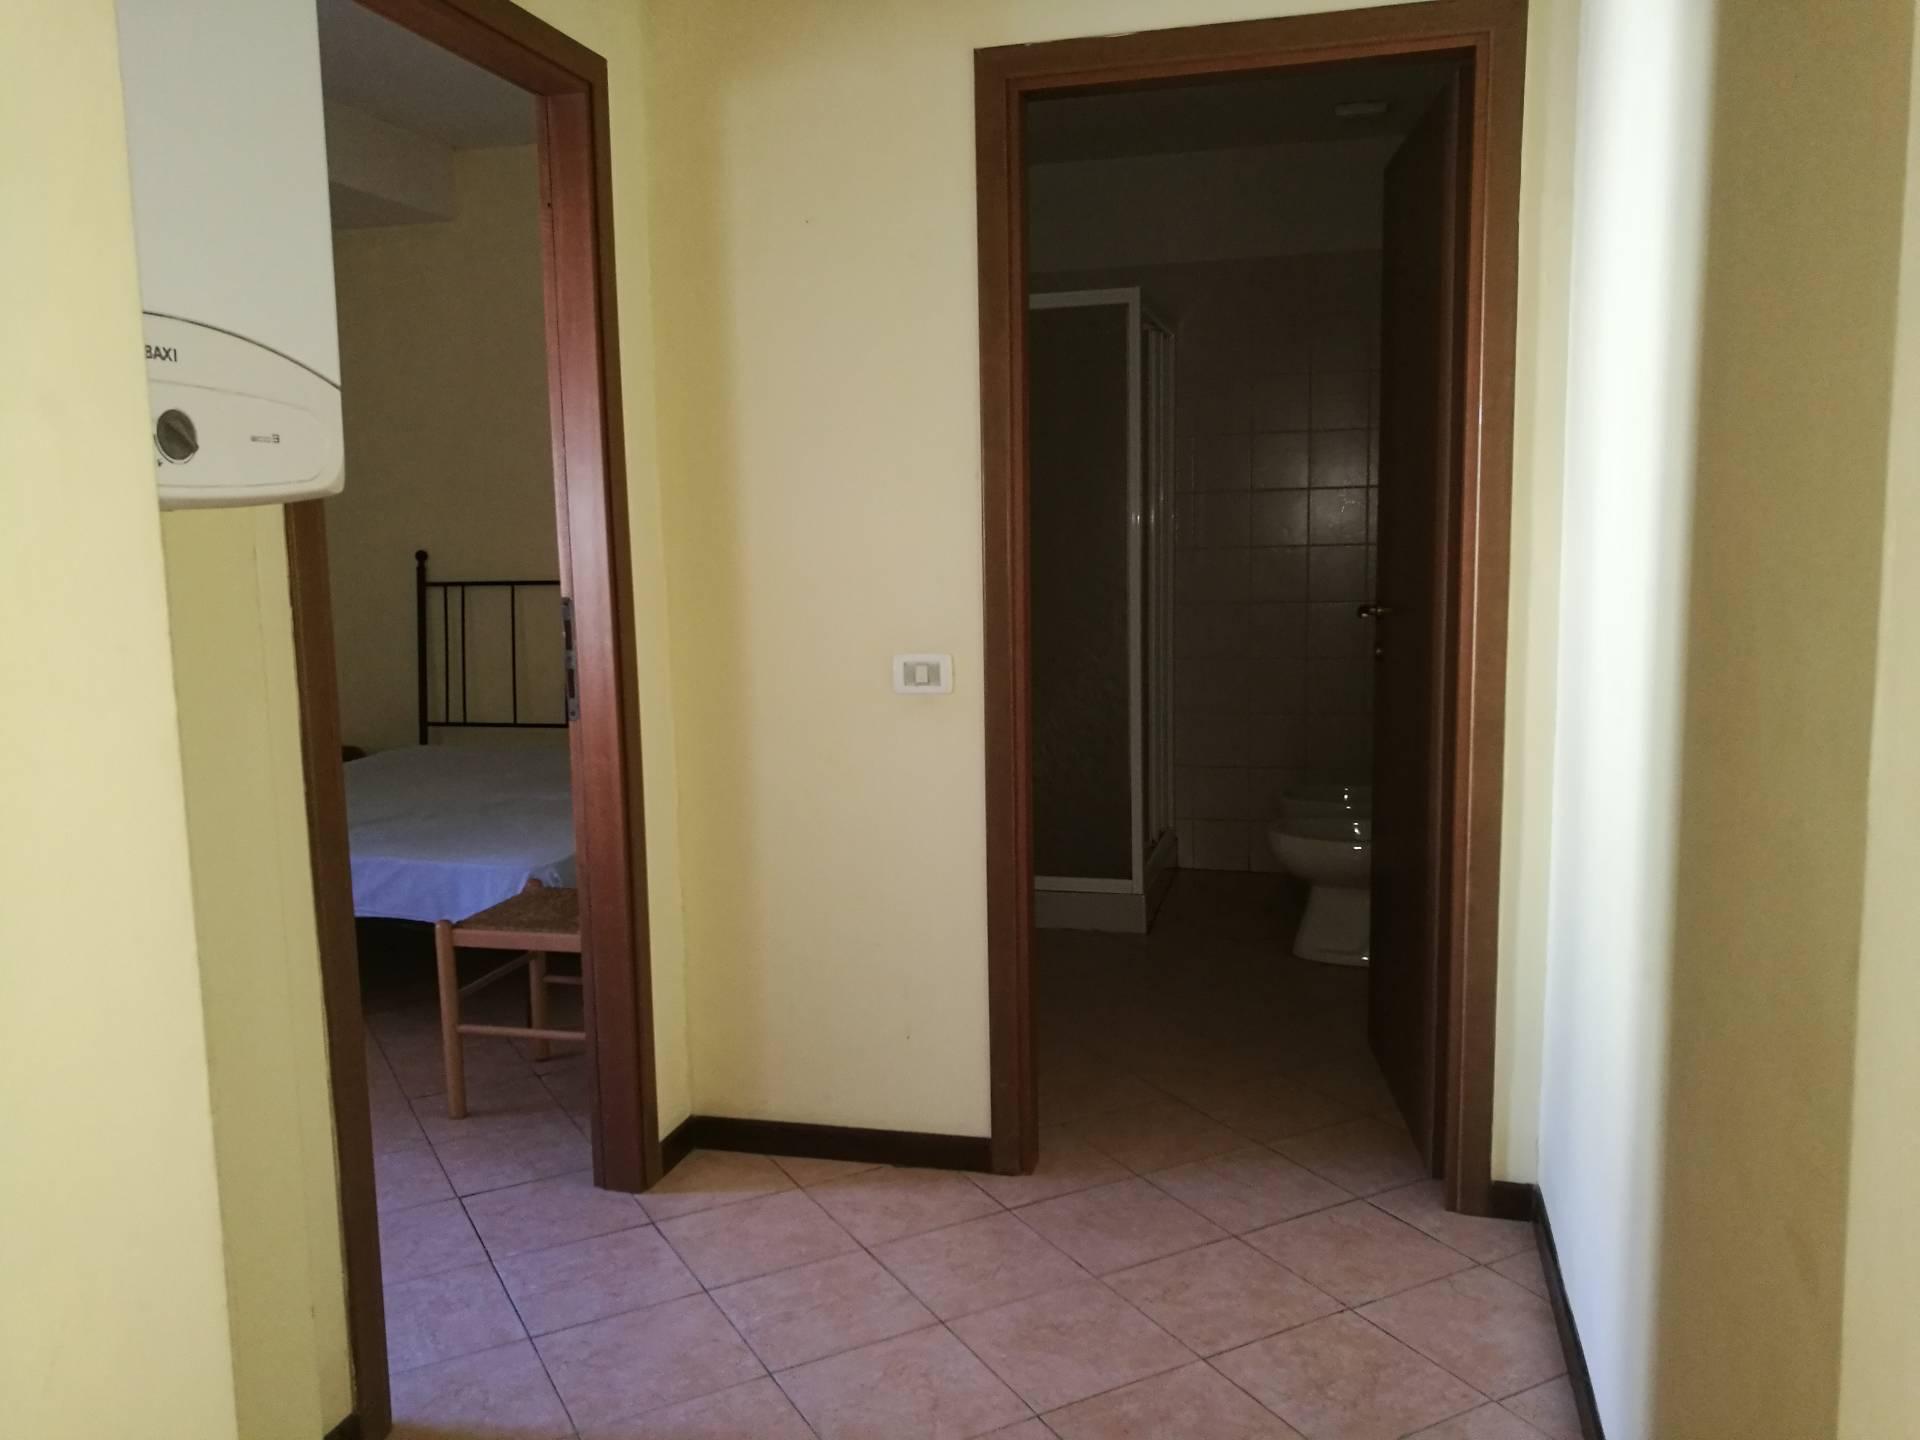 Appartamento in affitto a Conselice, 2 locali, zona Zona: Lavezzola, prezzo € 280 | Cambio Casa.it